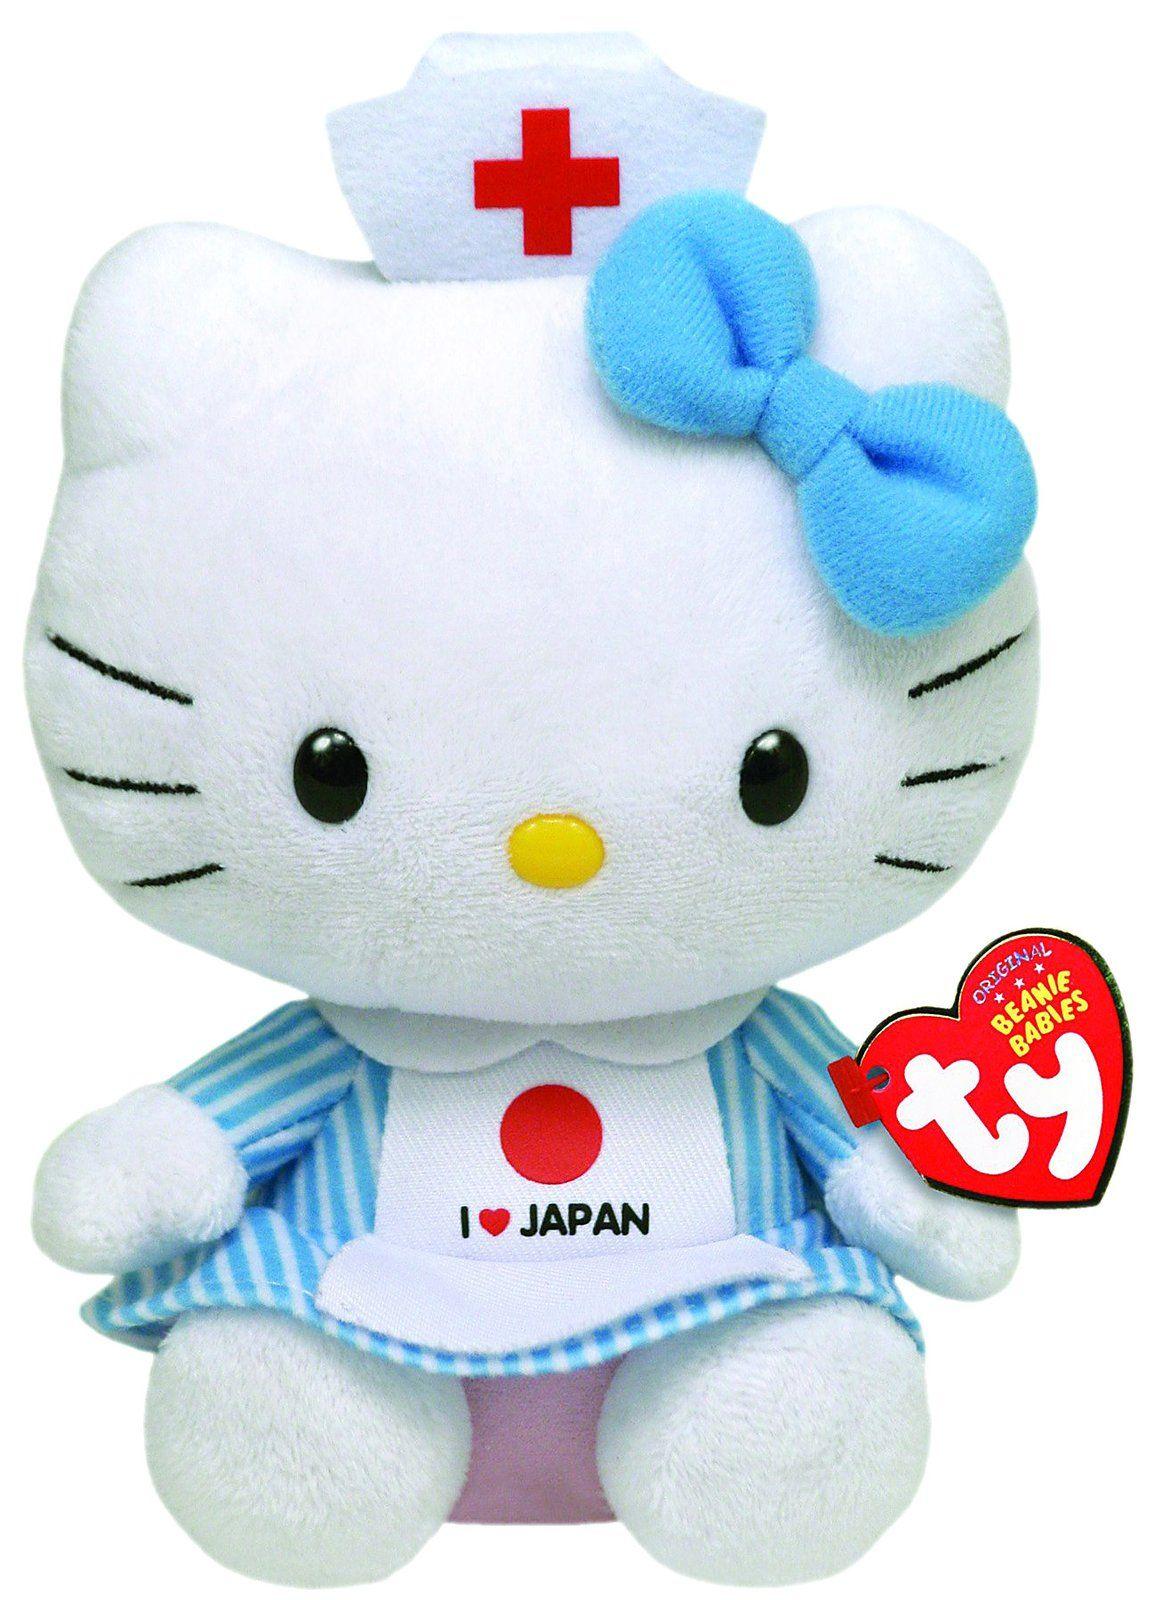 Ty Beanie Baby - Hello Kitty - I Love Japan - Free Shipping ... f98ea257be09